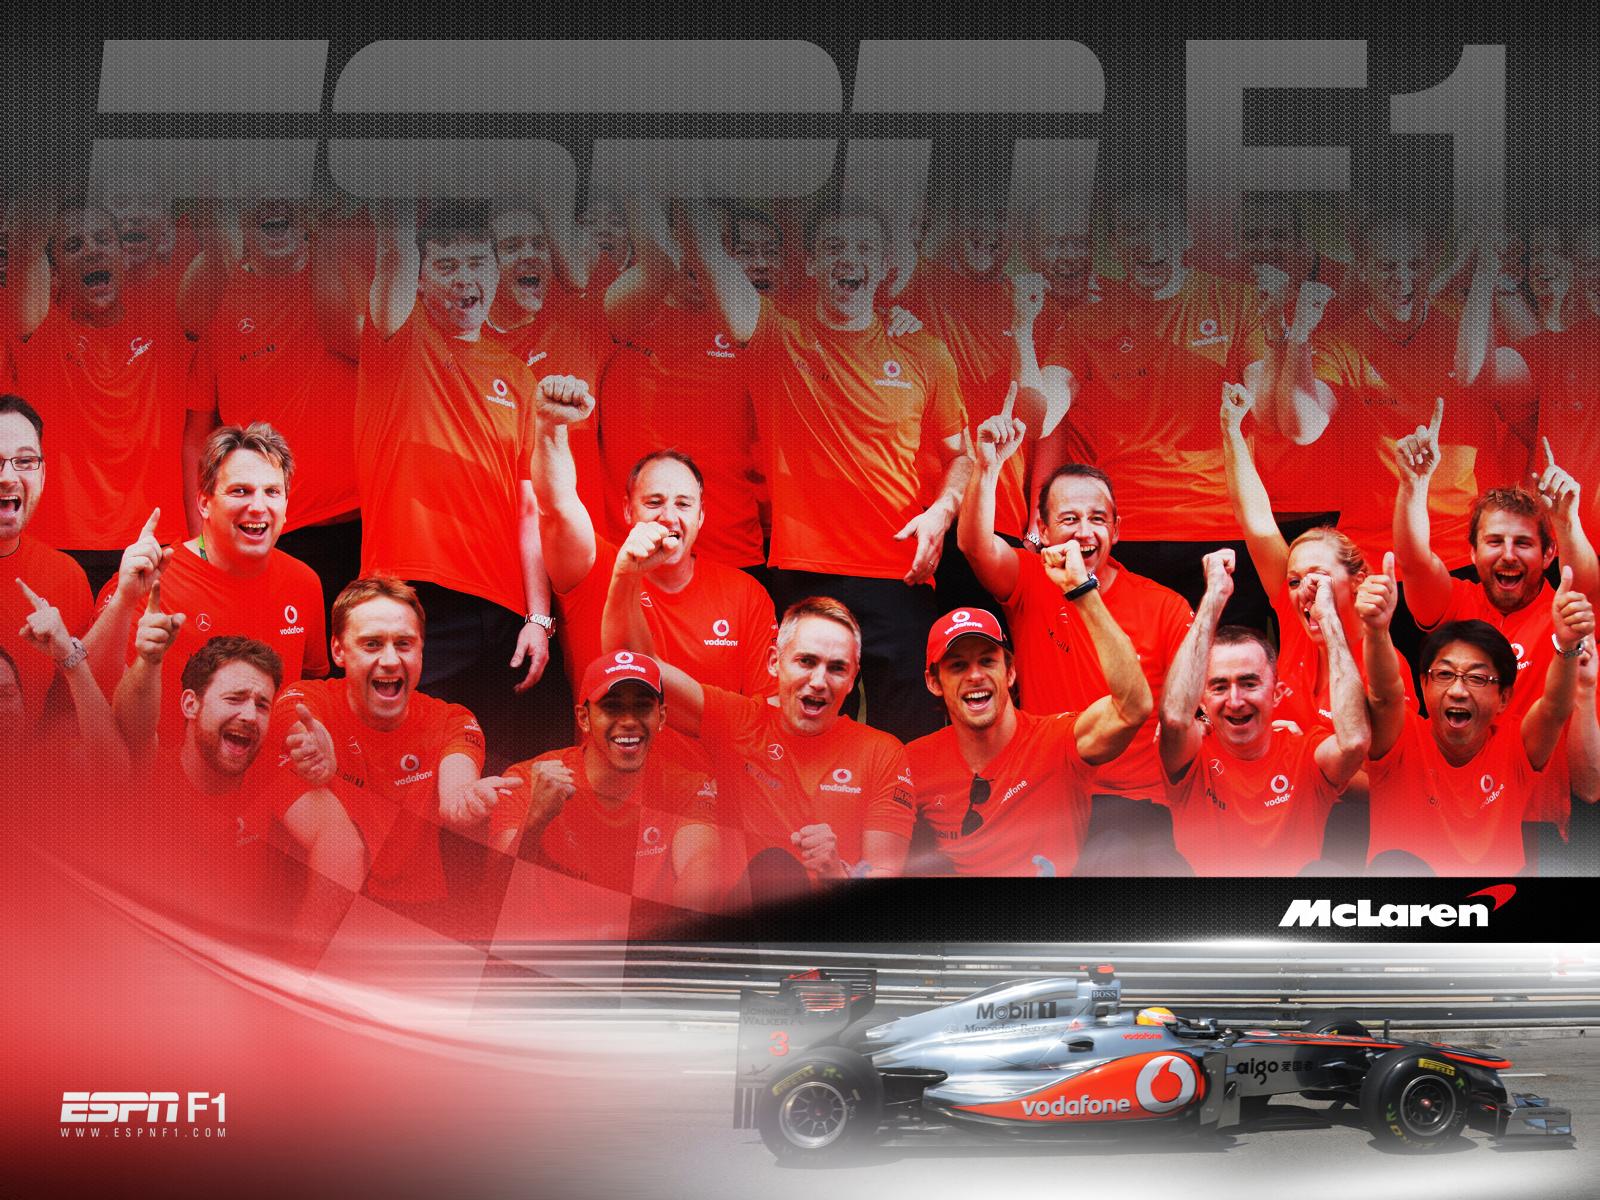 McLaren 2011